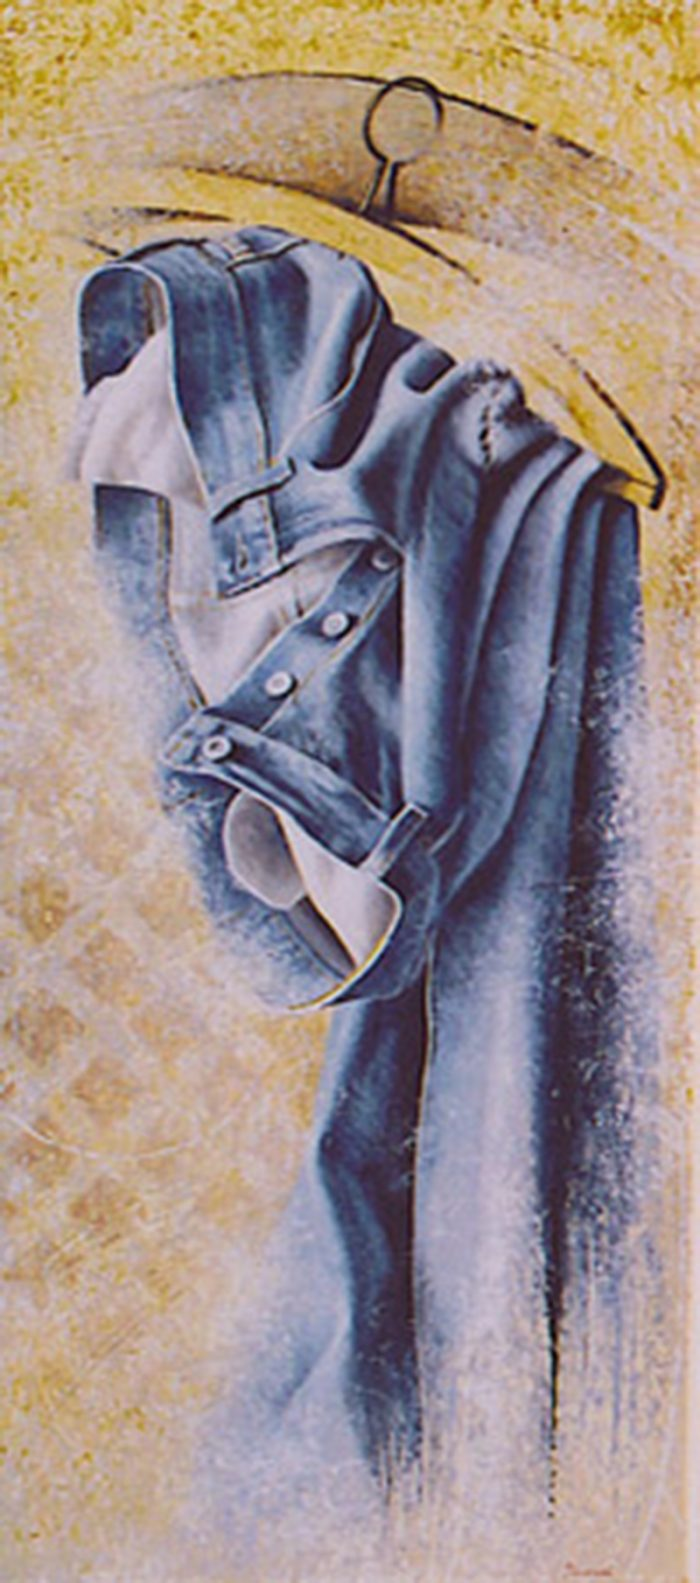 Jeans 2004, olio su tela, cm. 40 x 90